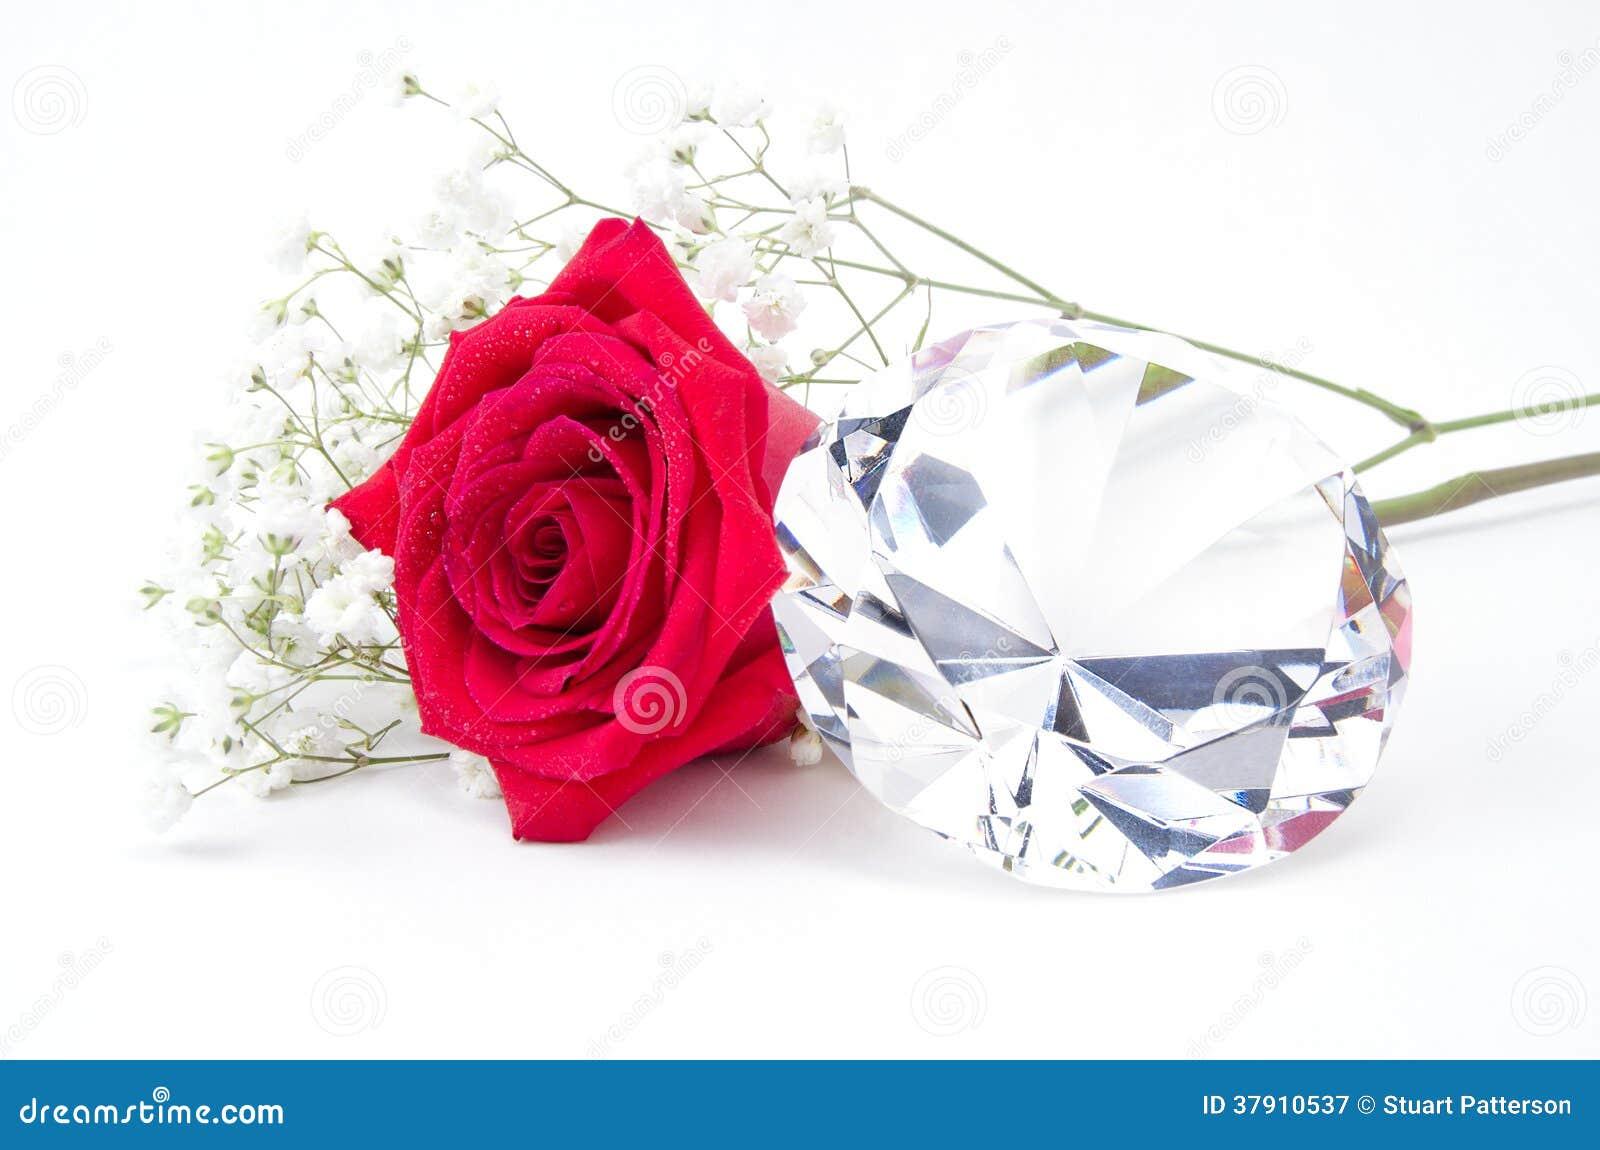 rote rose und diamant stockbild bild von wunsch floral 37910537. Black Bedroom Furniture Sets. Home Design Ideas